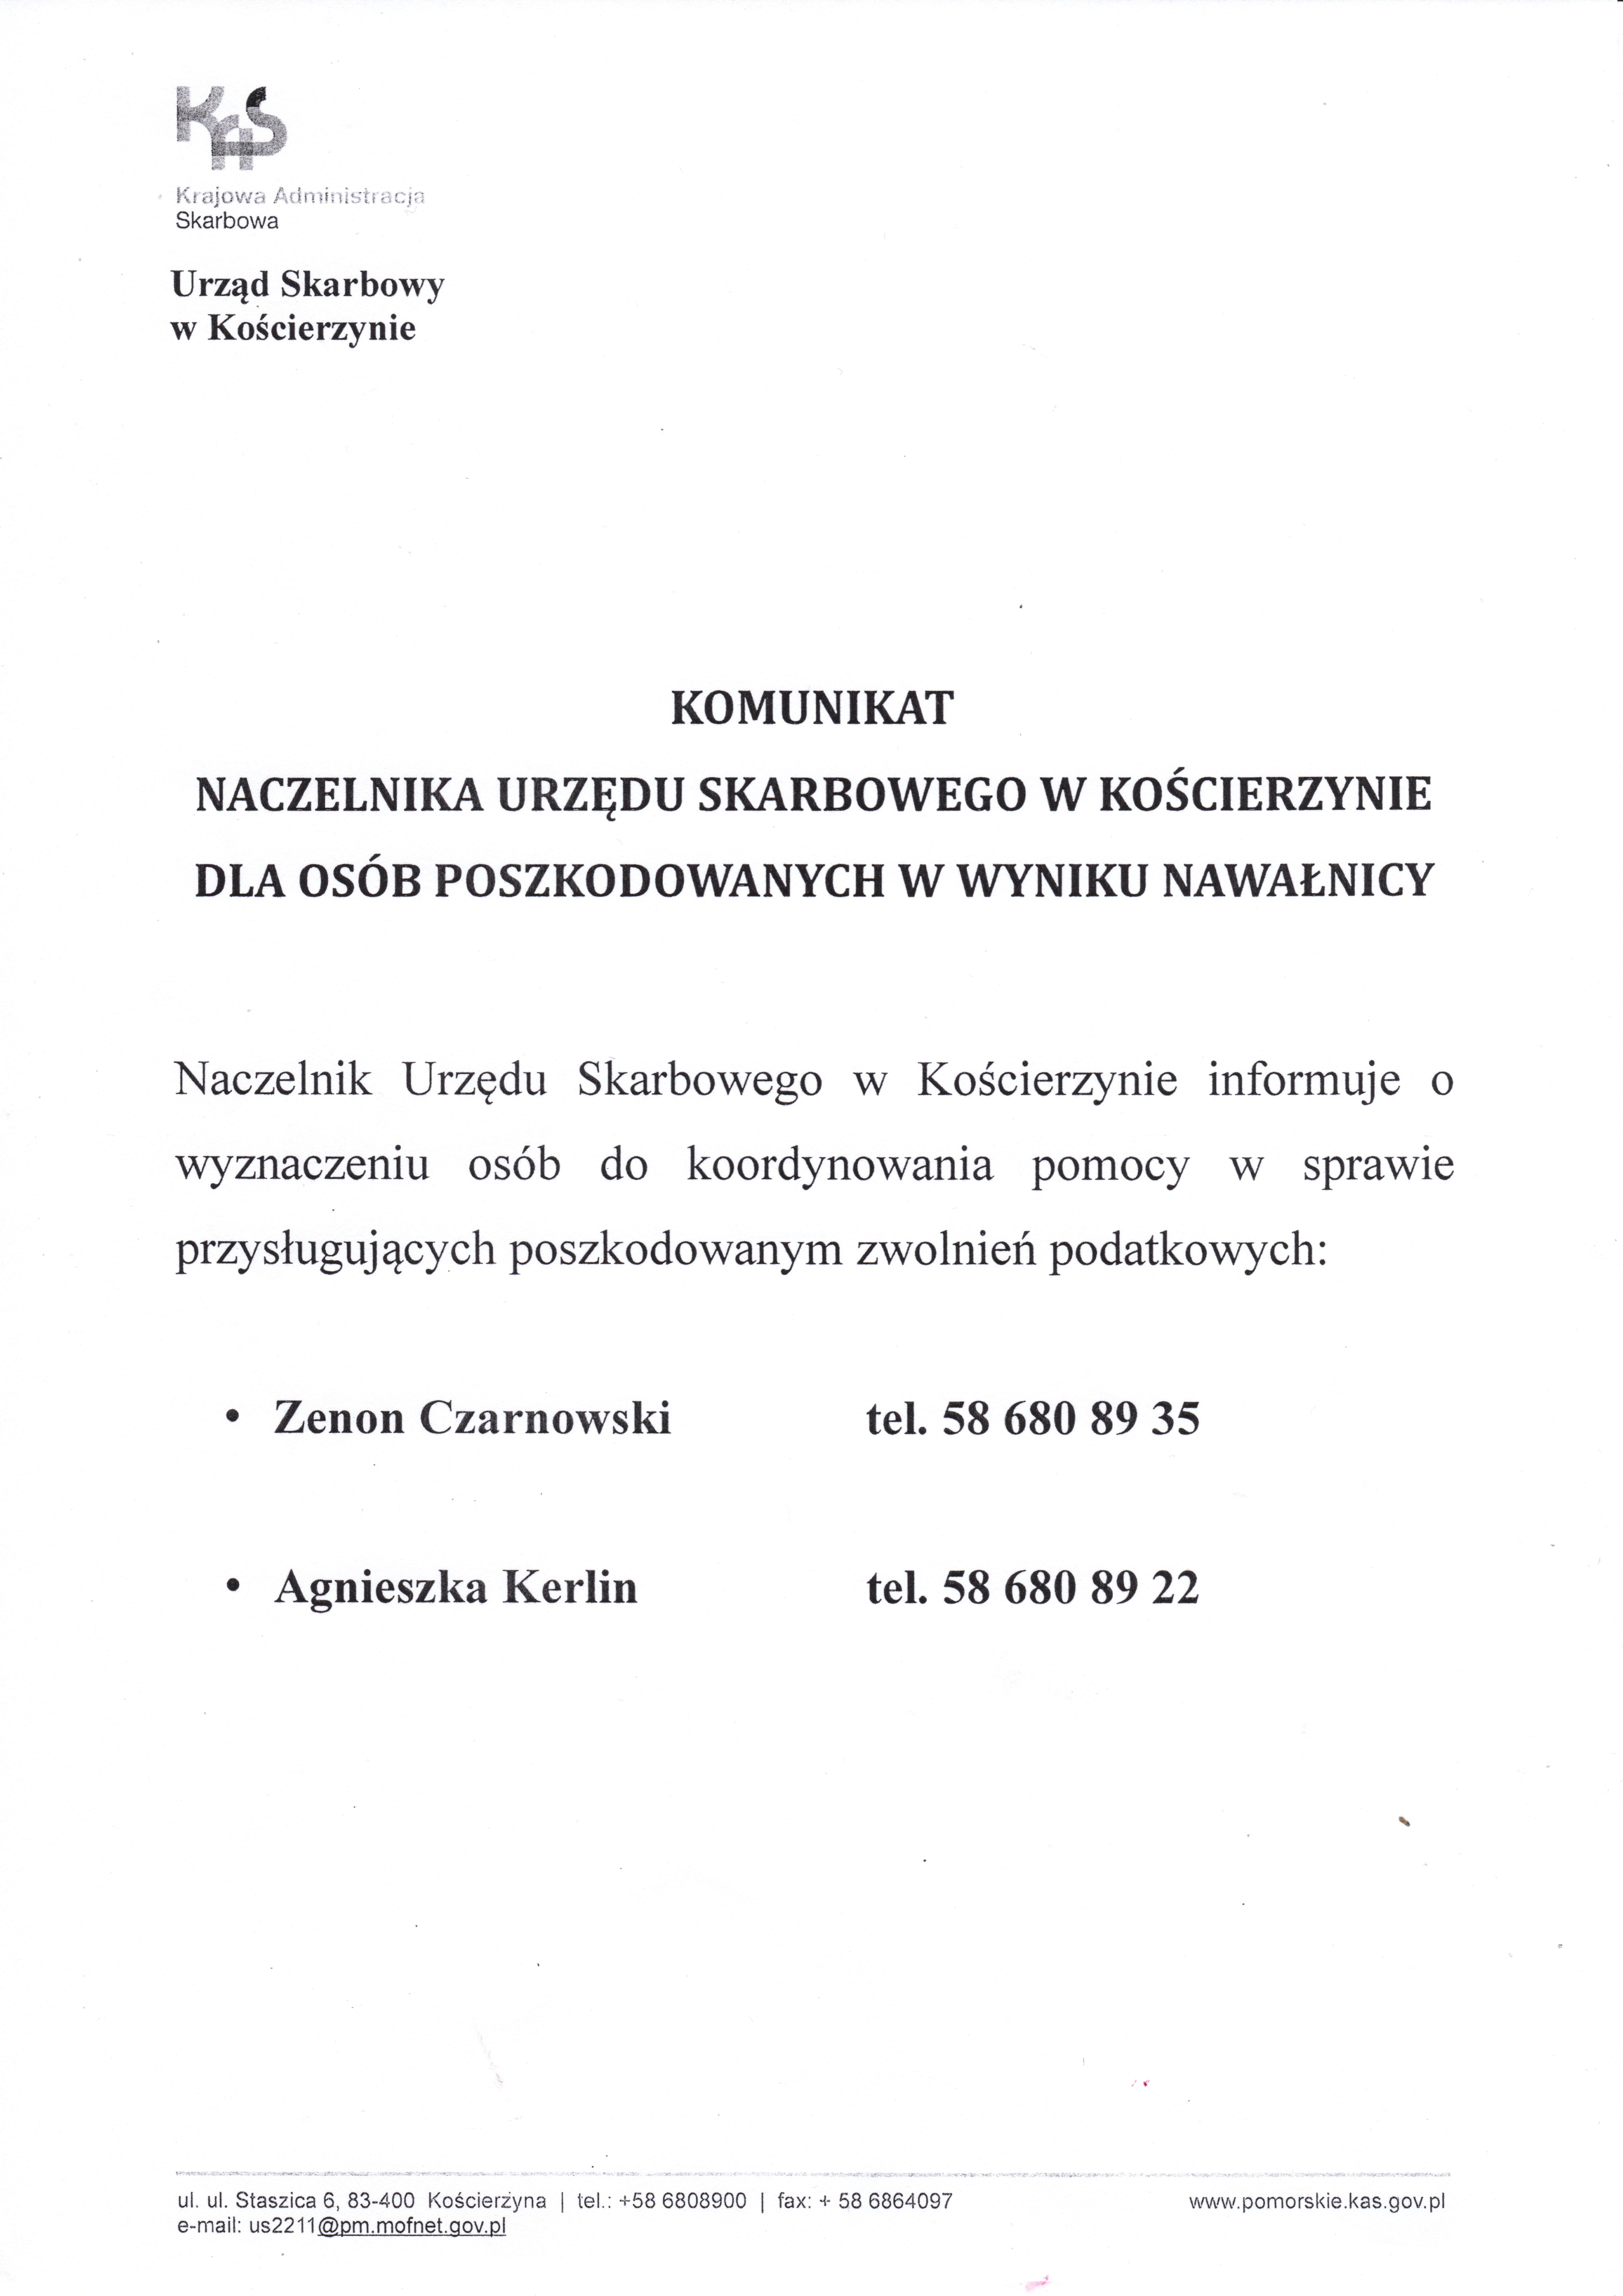 Komunikat Naczelnika Urzędu Skarbowego w Kościerzynie dla osób poszkodowanych w wyniku nawałnicy